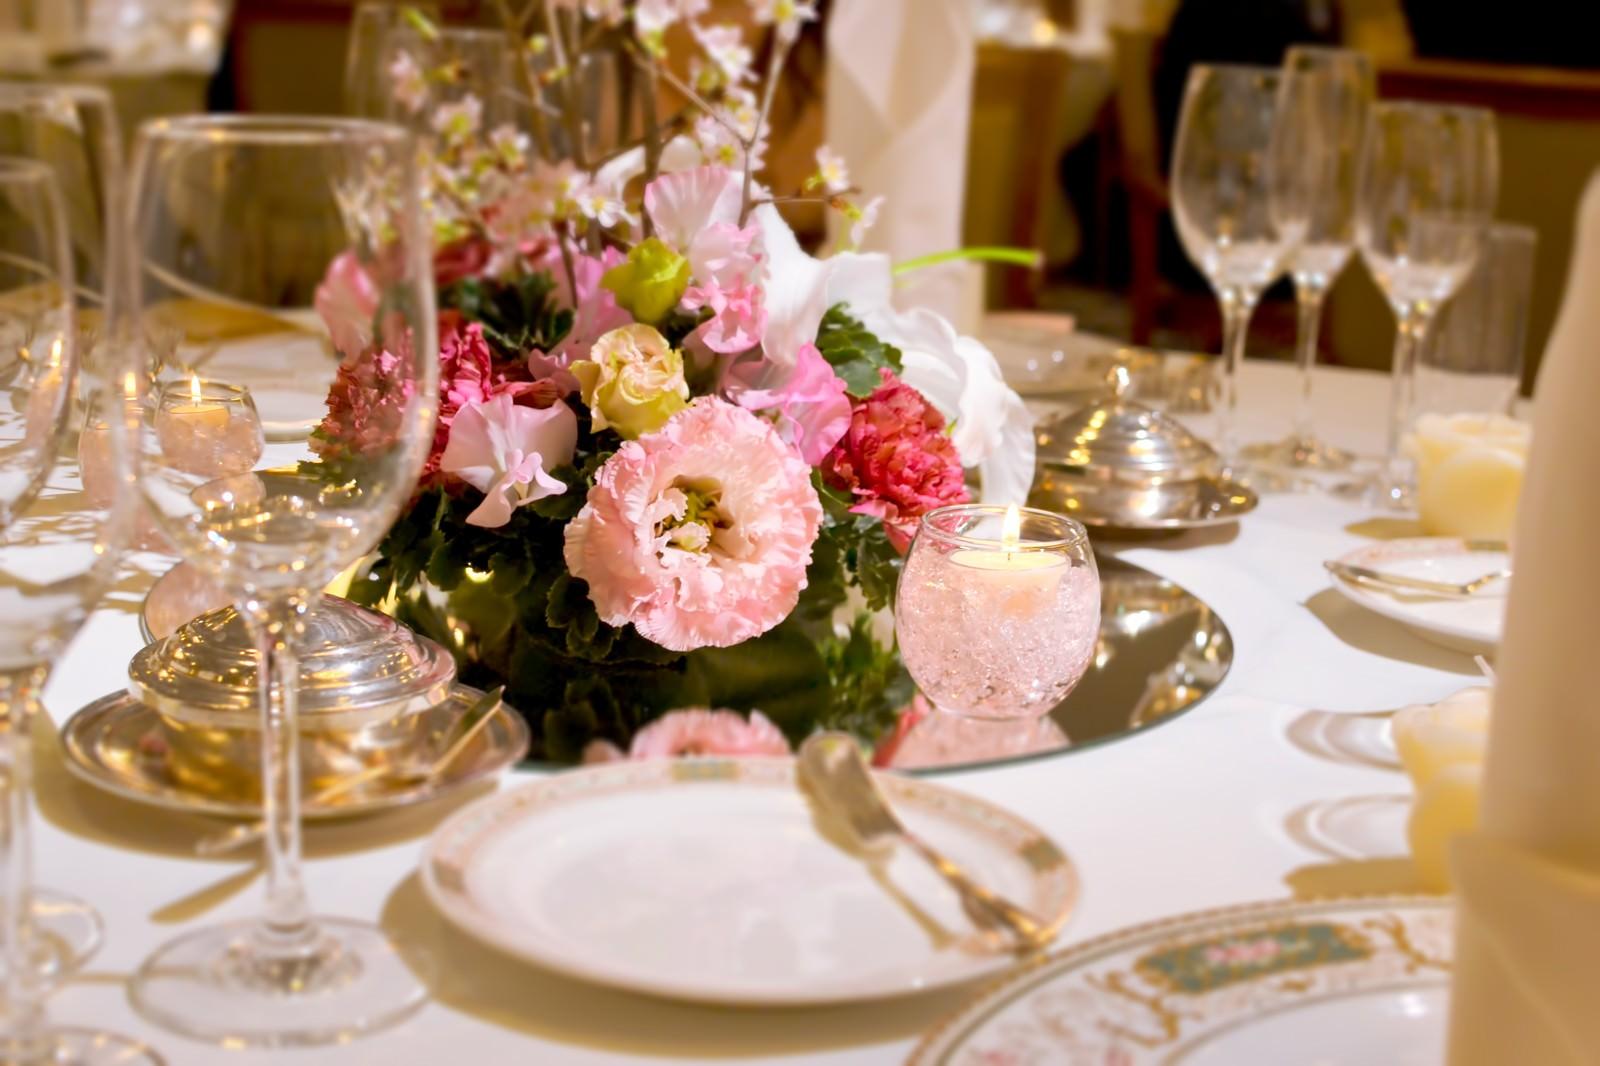 「結婚式・ウェディングのテーブルセット結婚式・ウェディングのテーブルセット」のフリー写真素材を拡大